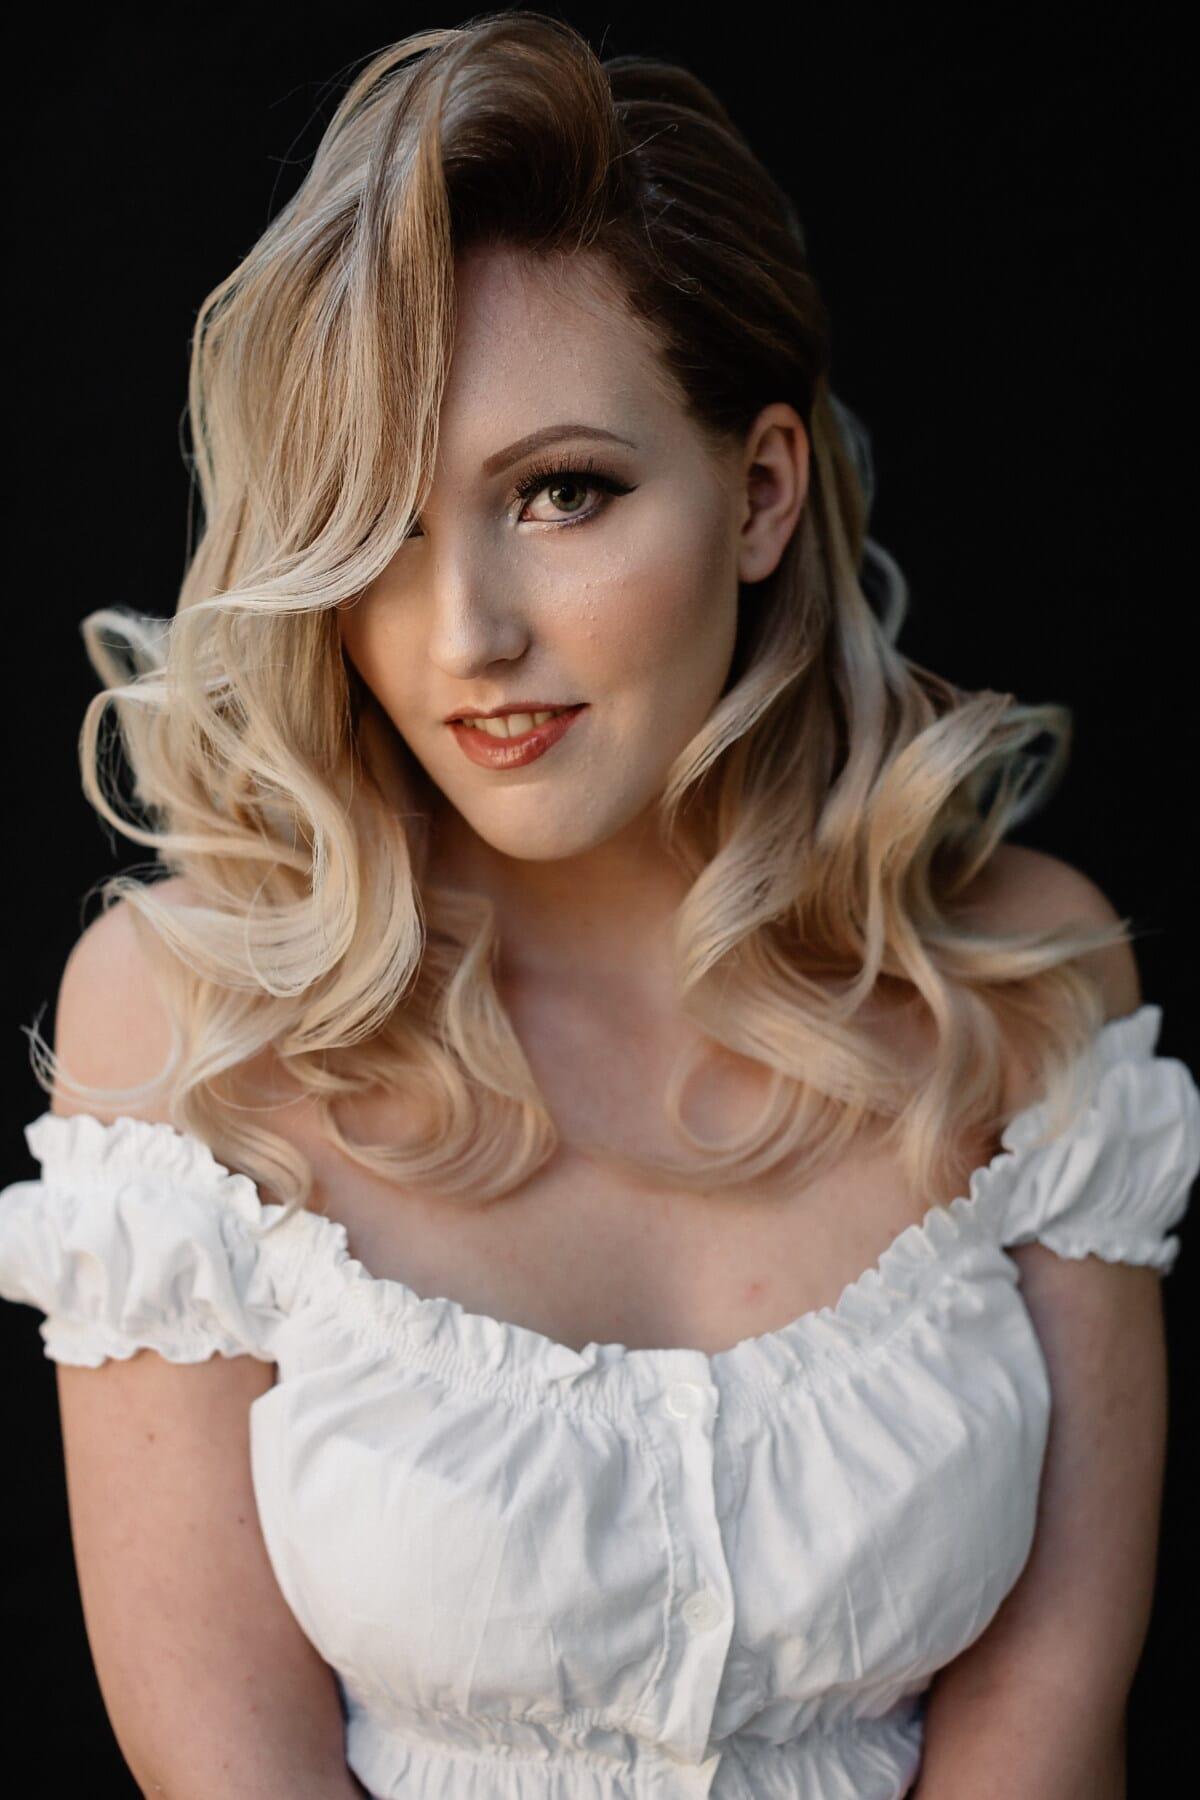 φωτογραφία μοντέλο, Φωτογραφικό στούντιο, περιέργεια, όμορφο κορίτσι, ξανθός/ιά, θέτοντας, λευκό, φόρεμα, γυναίκα, μαλλιά